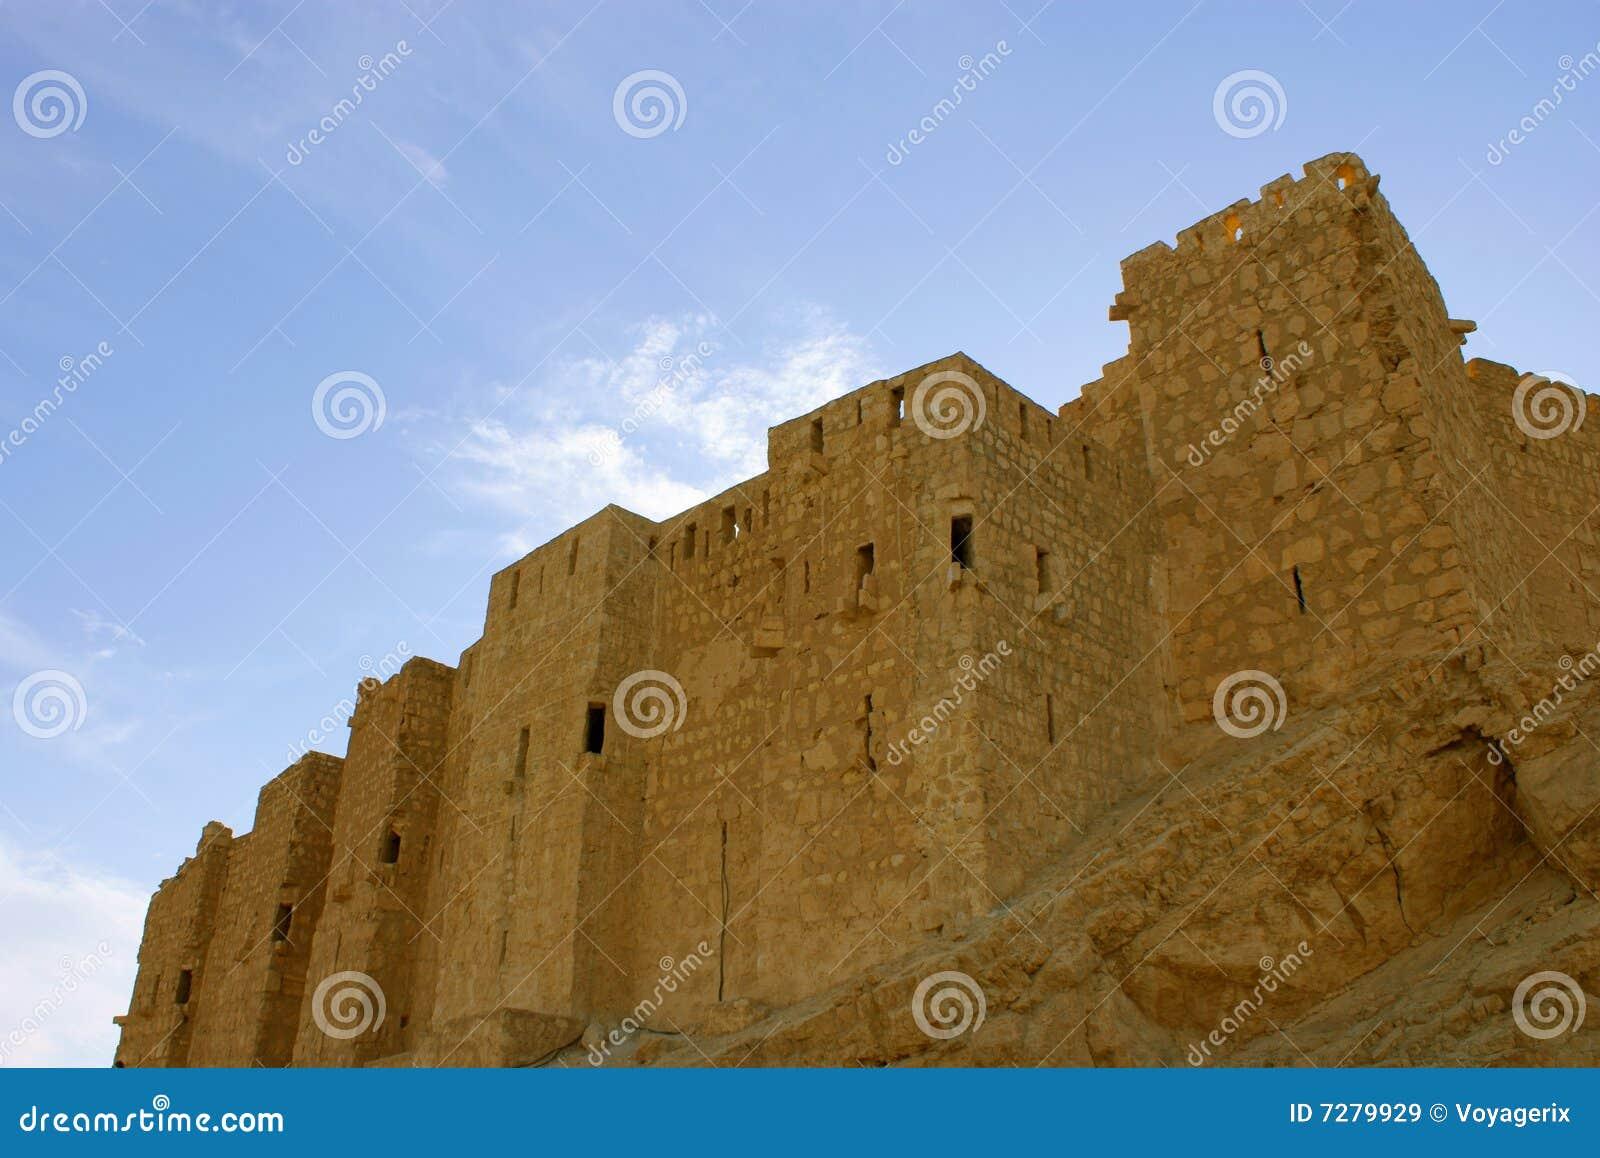 Castillo en el Palmyra antiguo, Siria